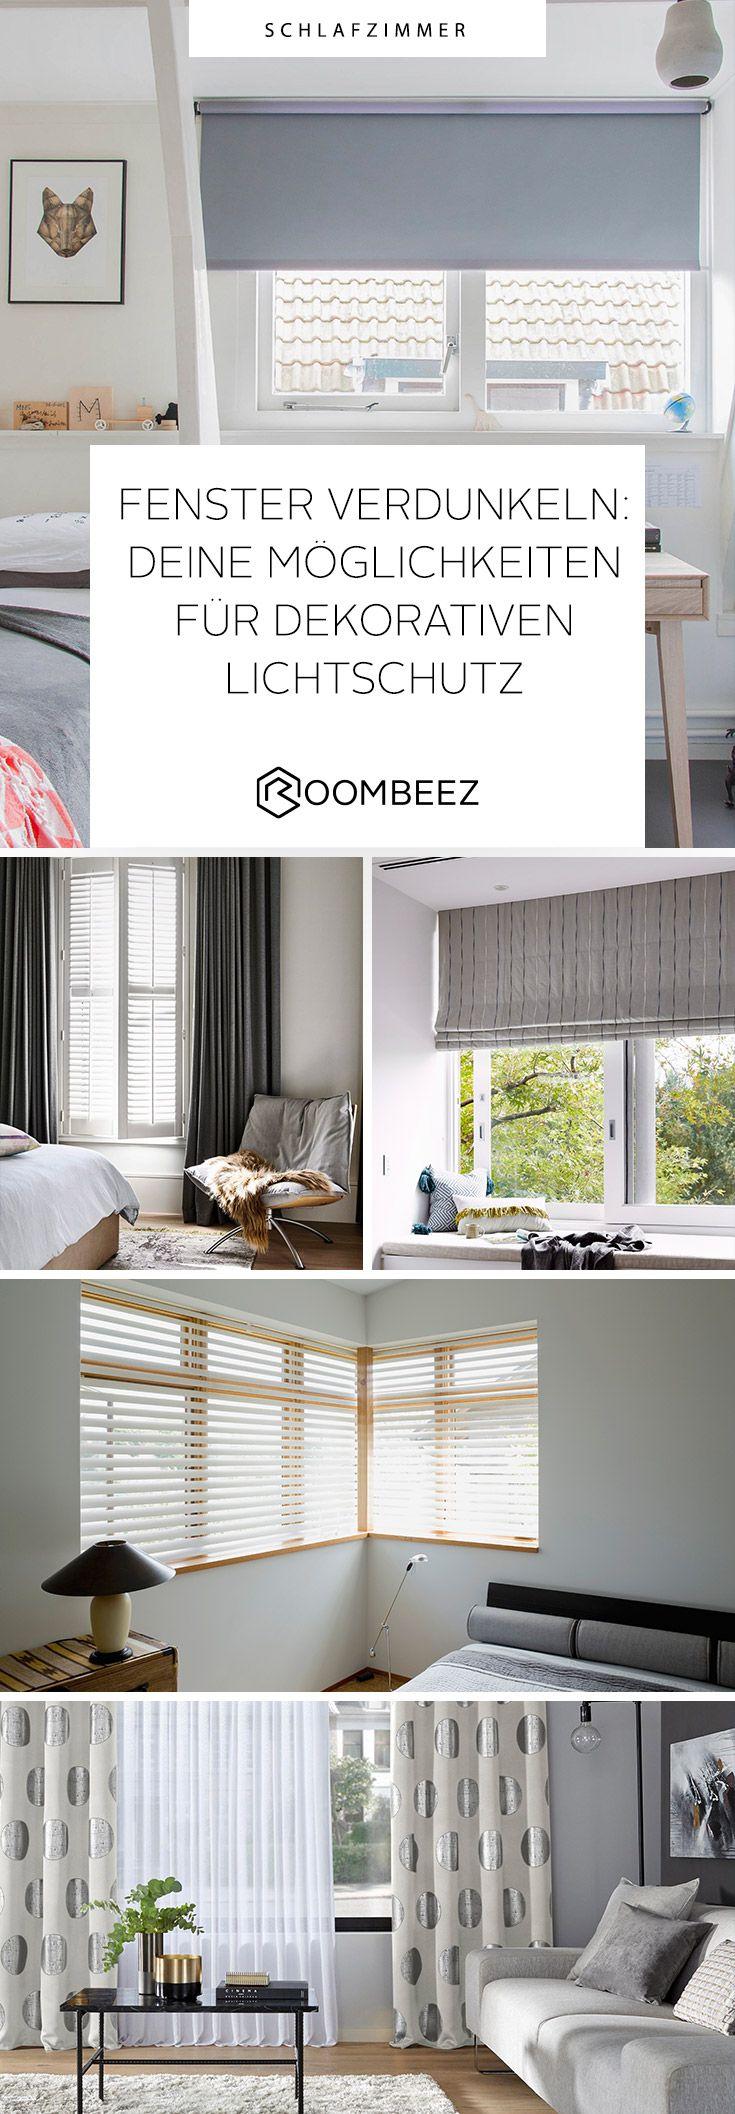 Fenster verdunkeln » Tipps für deine Wohnung  Schlafzimmer